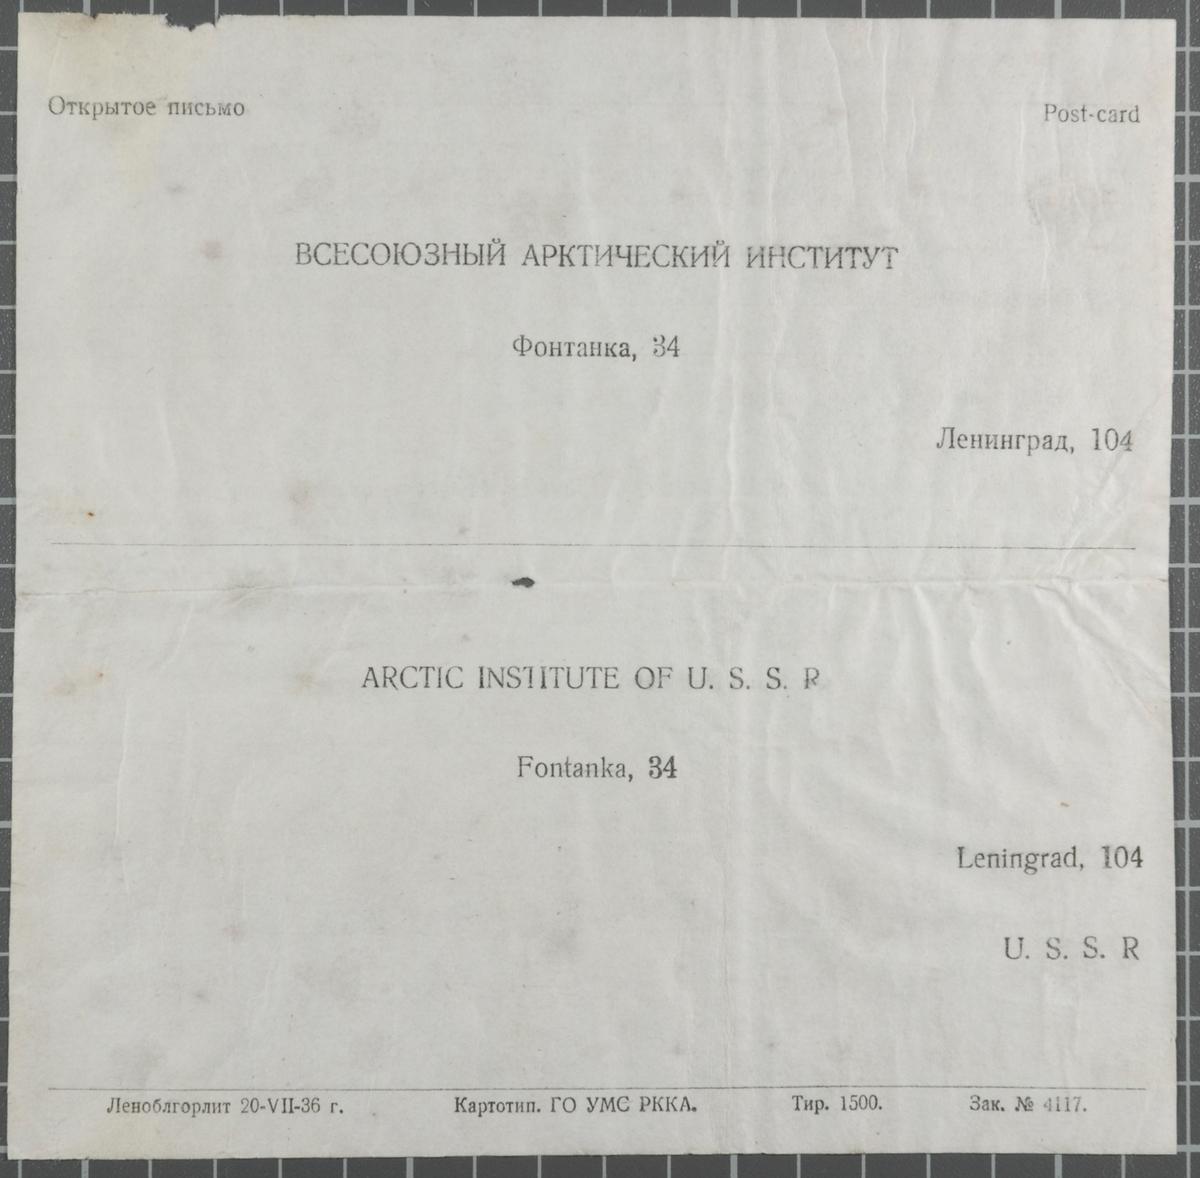 Reagensglasset inneholder et papir med skrift på russisk, engelsk og svensk.